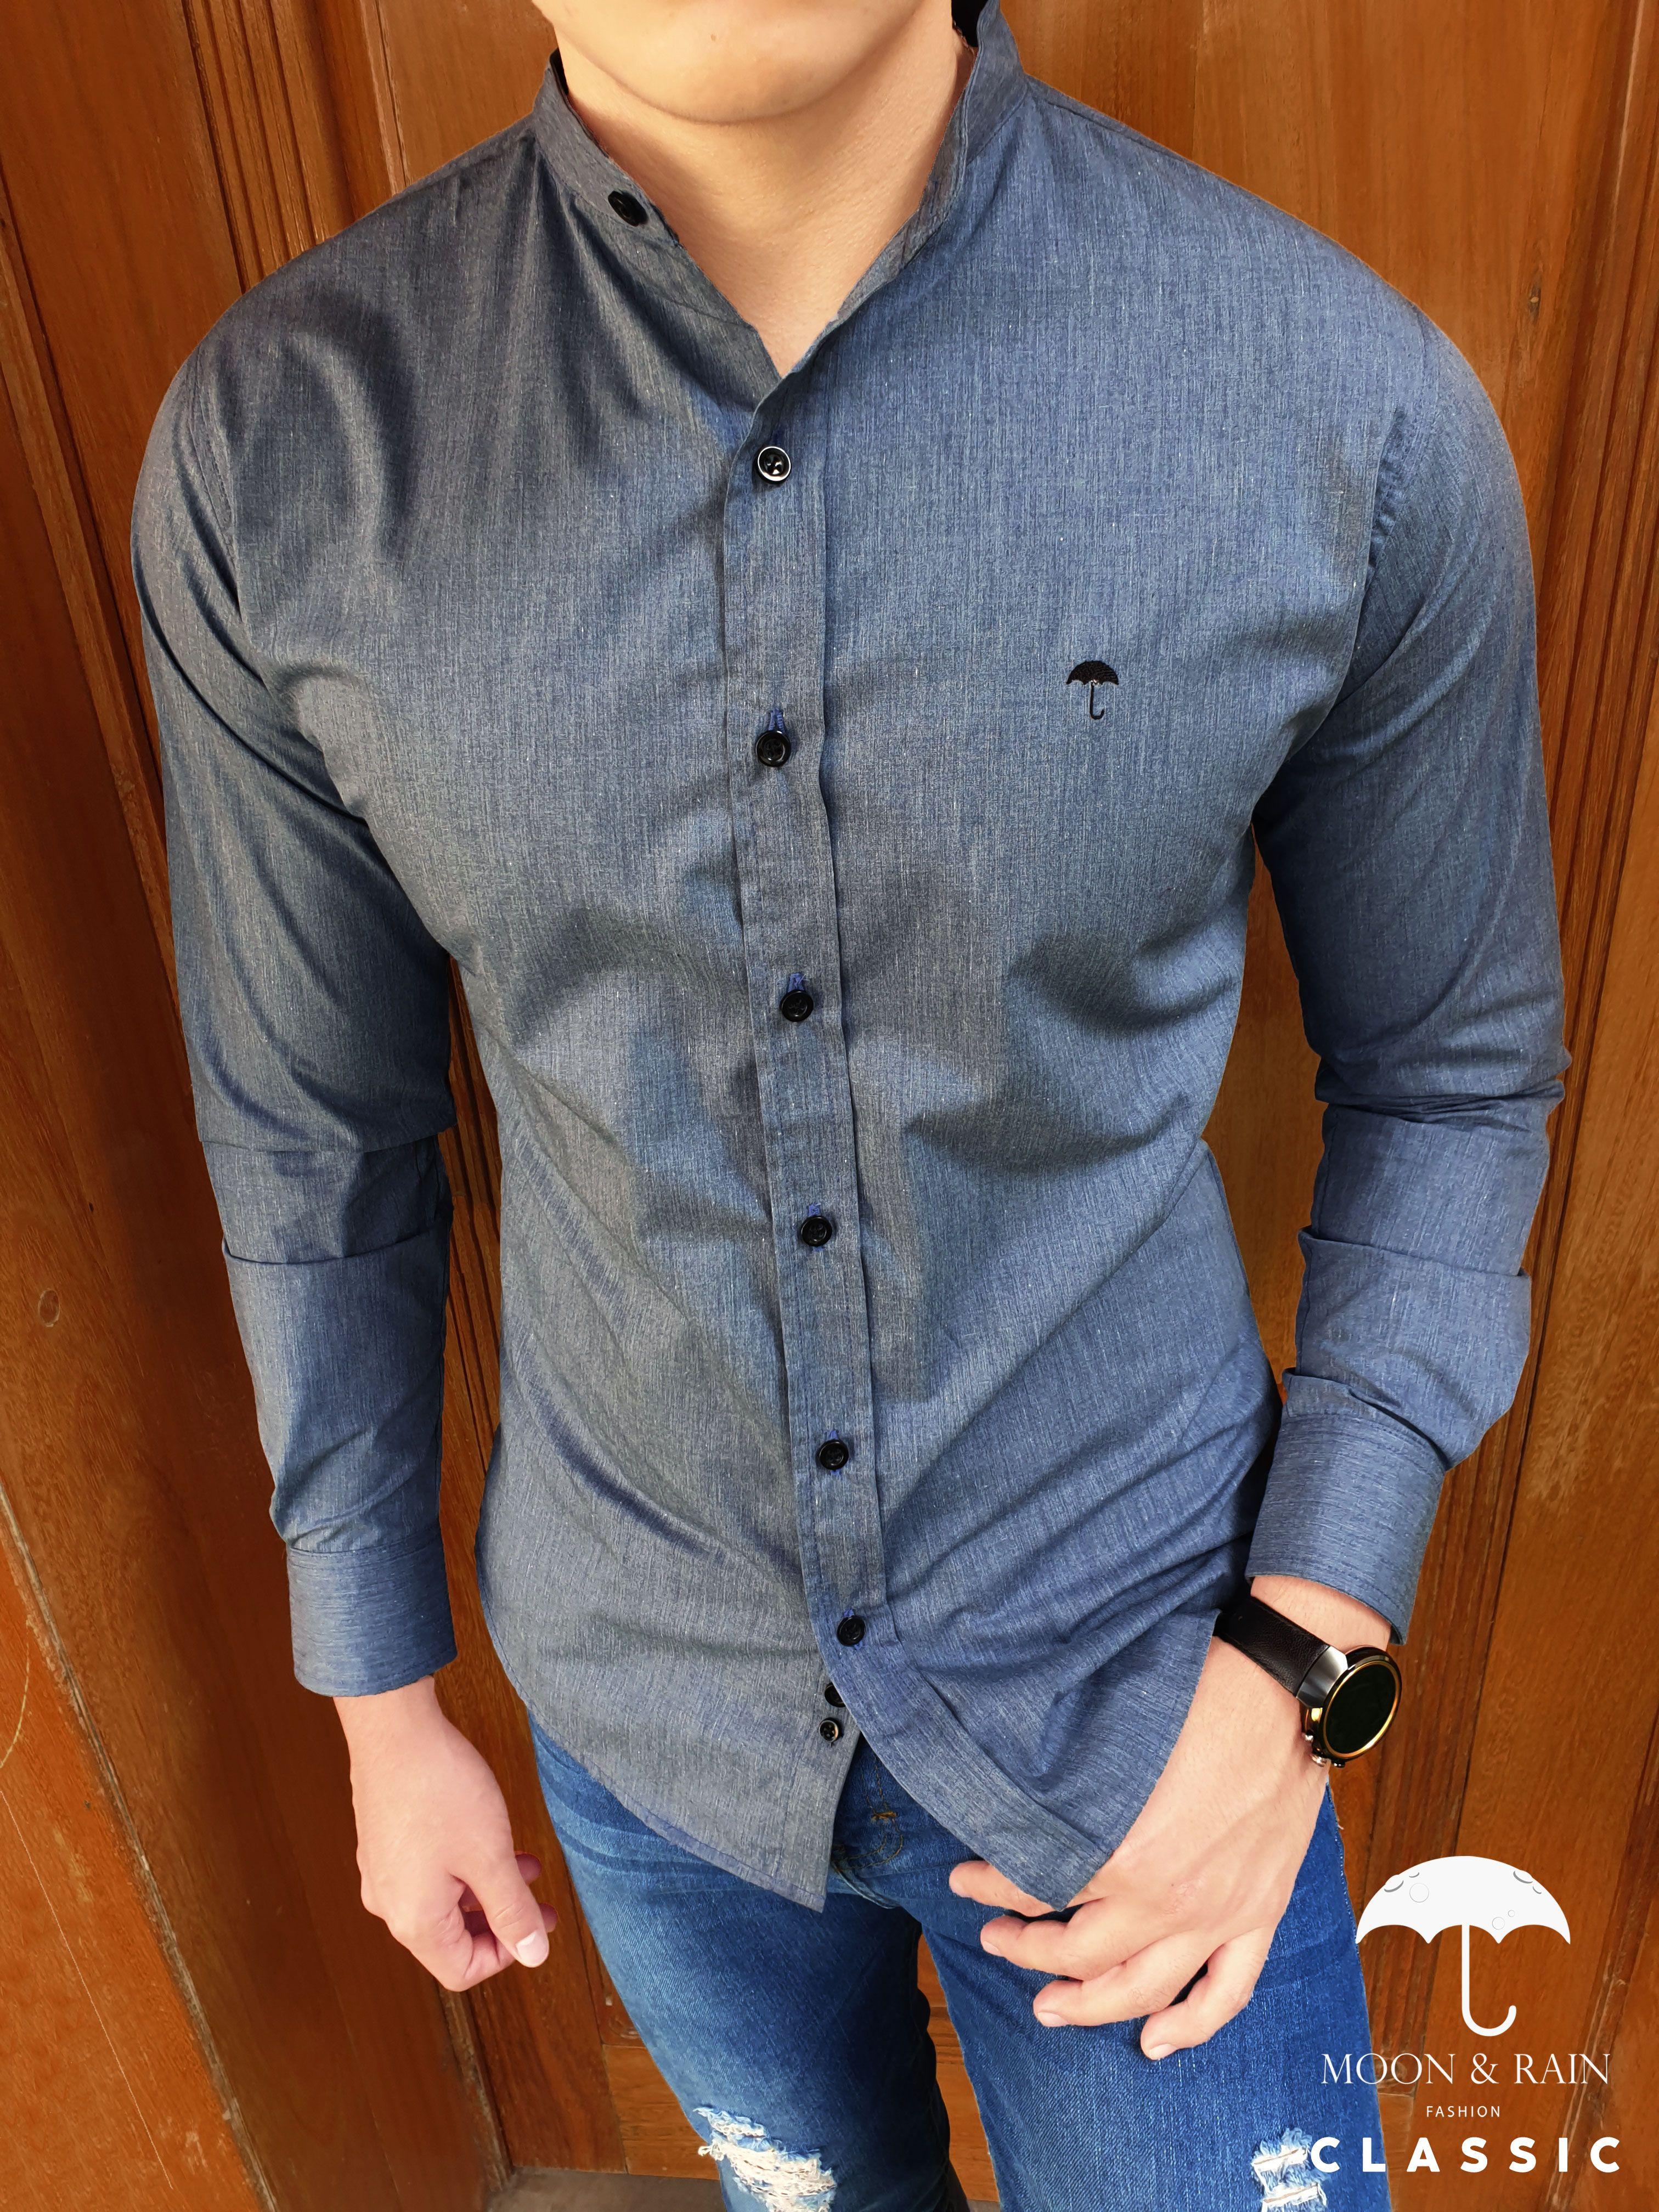 Camisa Oxford Mao Combinacion De Ropa Hombre Ropa De Hombre Casual Elegante Ropa Casual Hombres